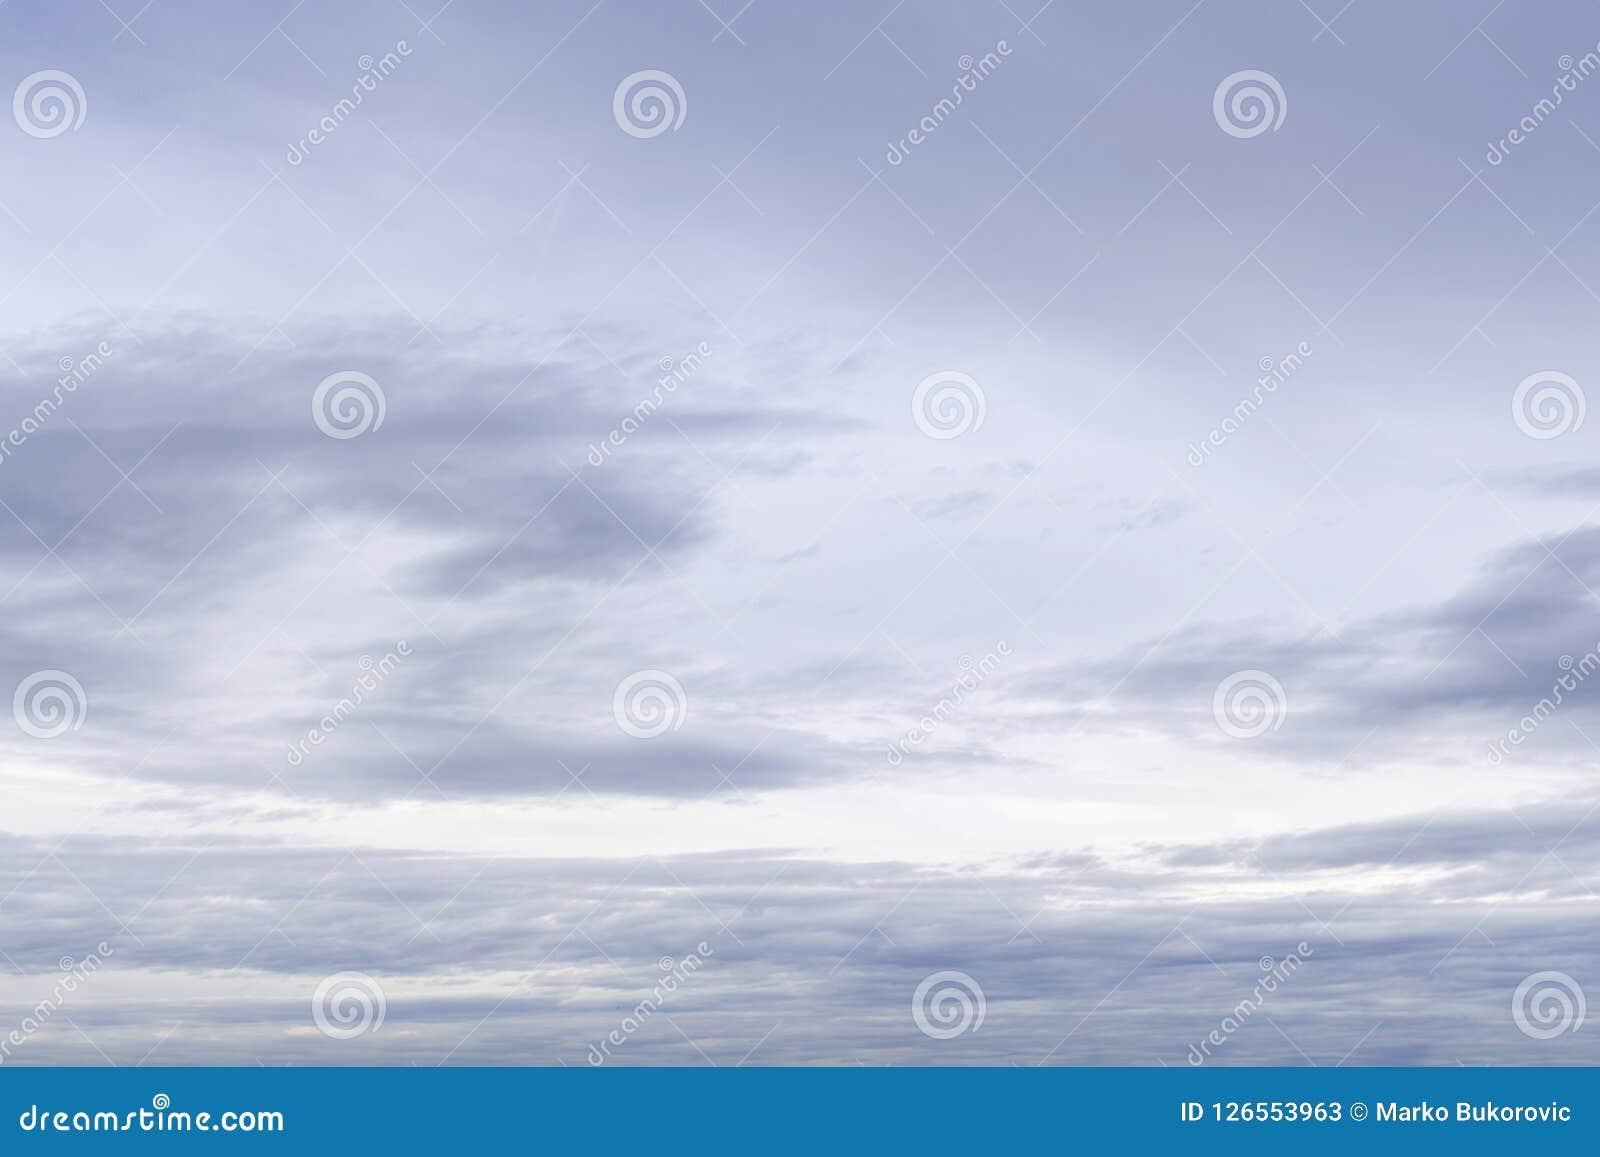 Dramatyczny fiołkowy abstrakcjonistyczny naturalny burzowy stratosfery tło